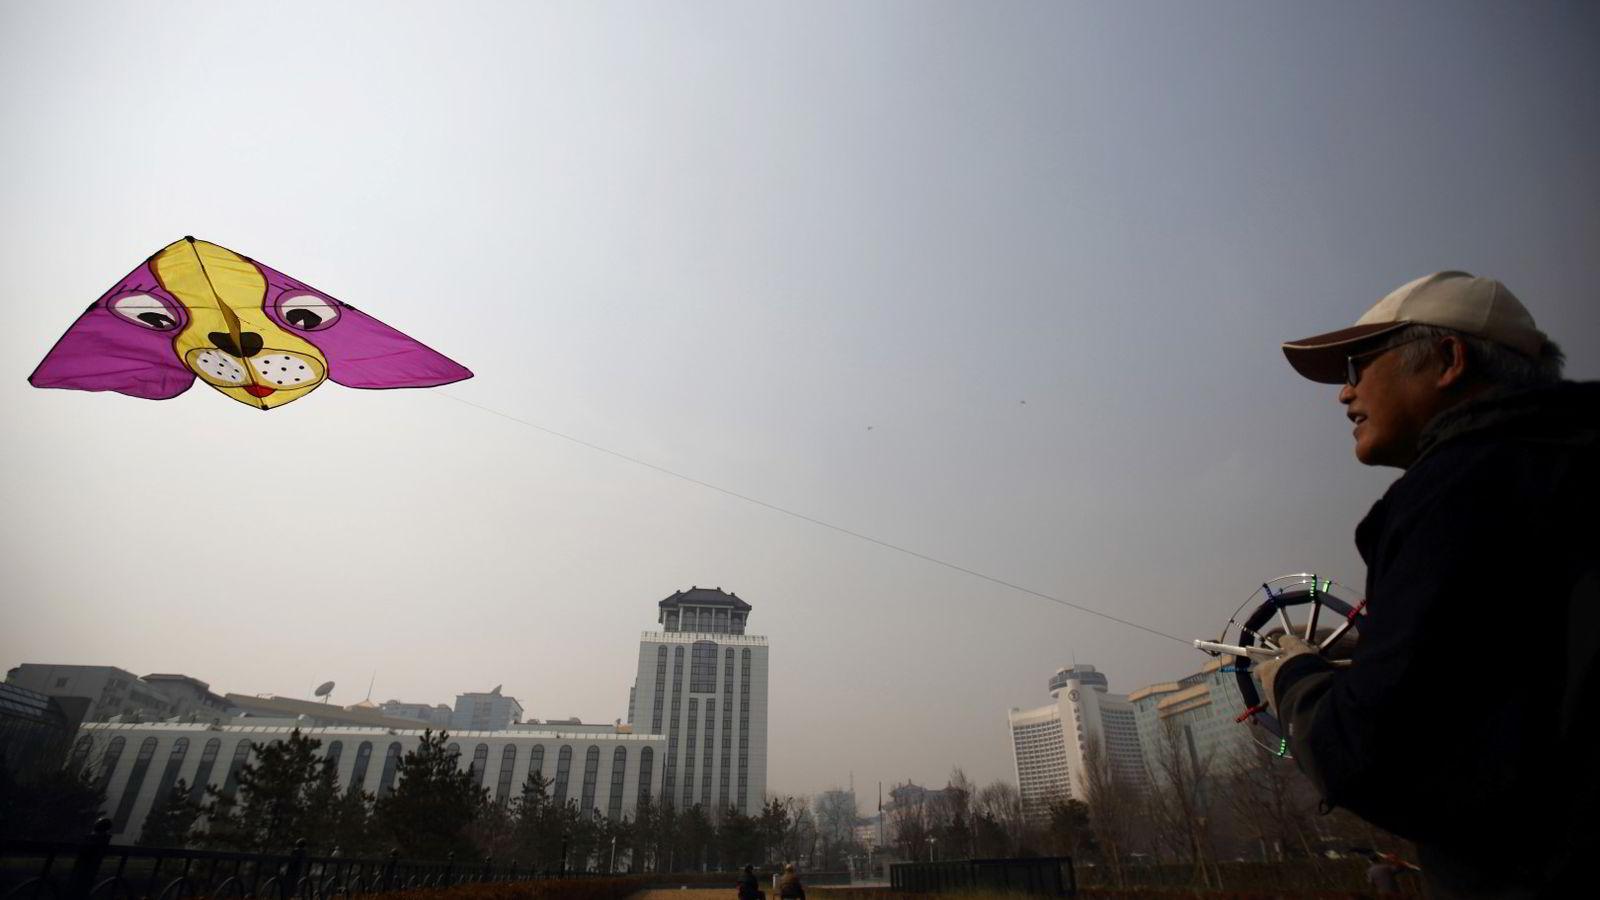 De asiatiske økonomiene står overfor flere store utfordringer med høy gjeld, svakere vekst i Kina og stagnasjon i verdenshandelen. Bildet viser en mann i Beijing som forsøker å få vinden til å løfte dragen hans. Foto: Tomohiro Ohsumi/